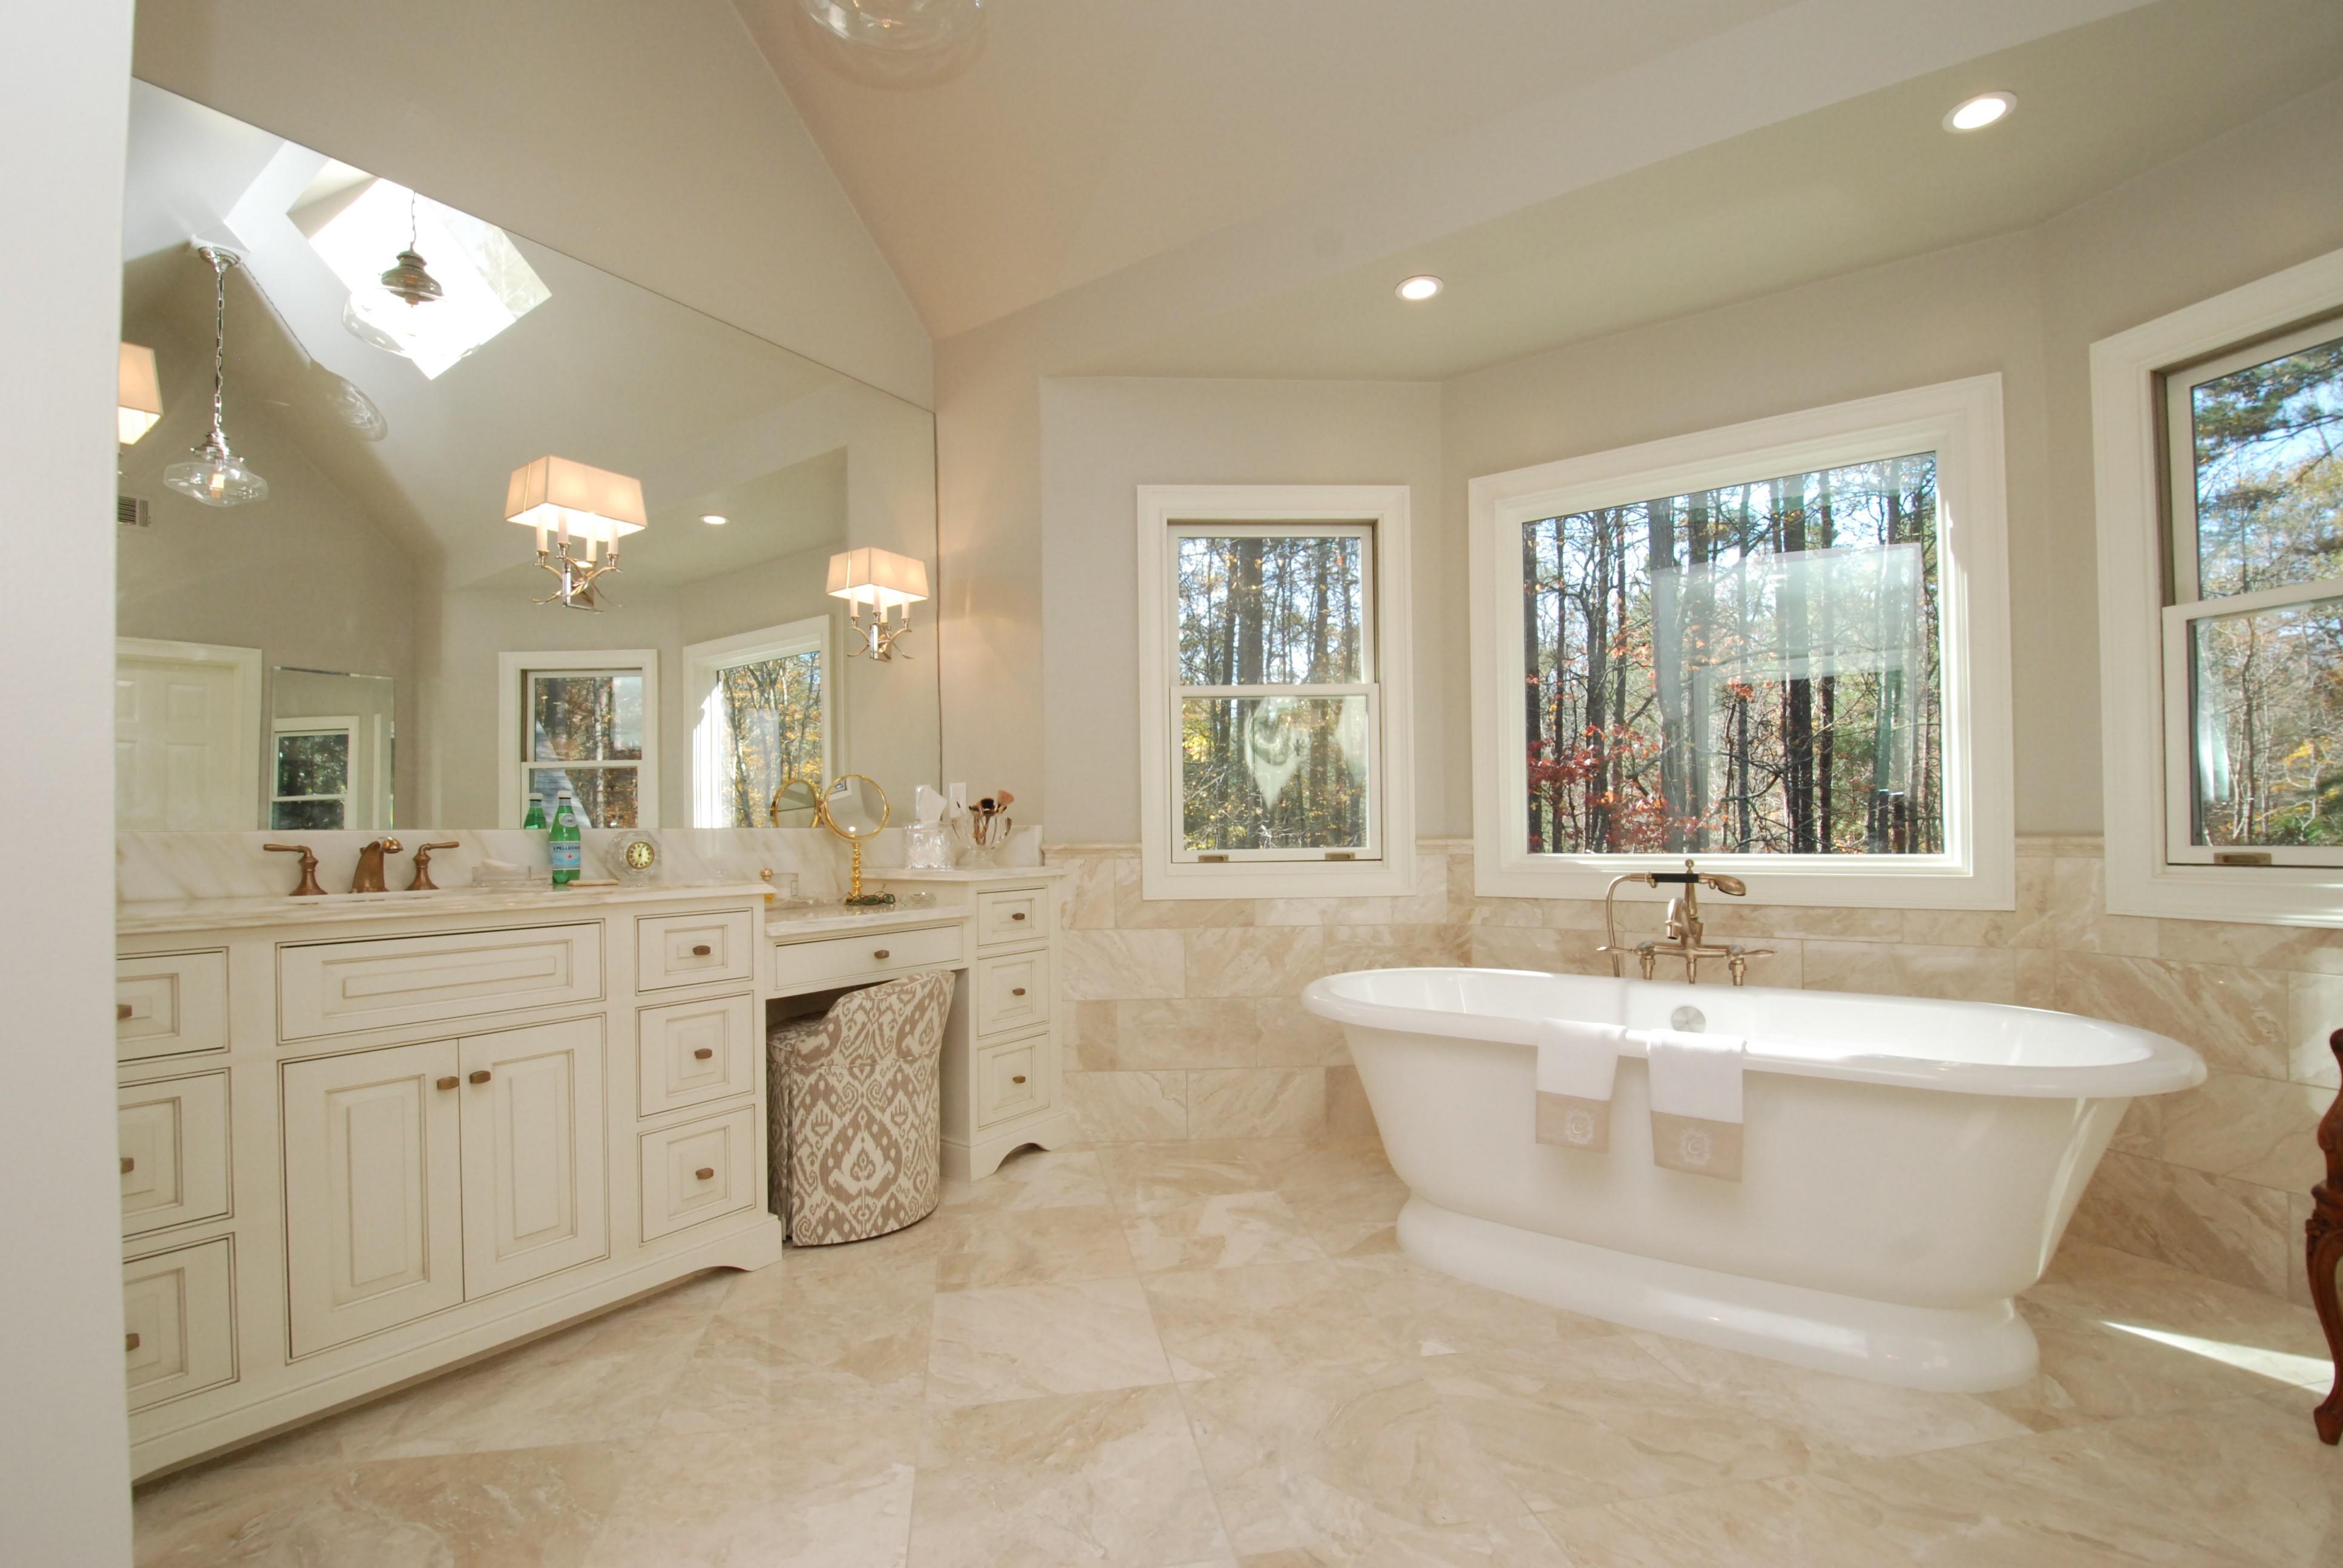 luxury elegant master bathrooms portrait bathroom design ideas rh bridgeportbenedumfestival com Luxury Master Bathrooms elegant modern master bathrooms